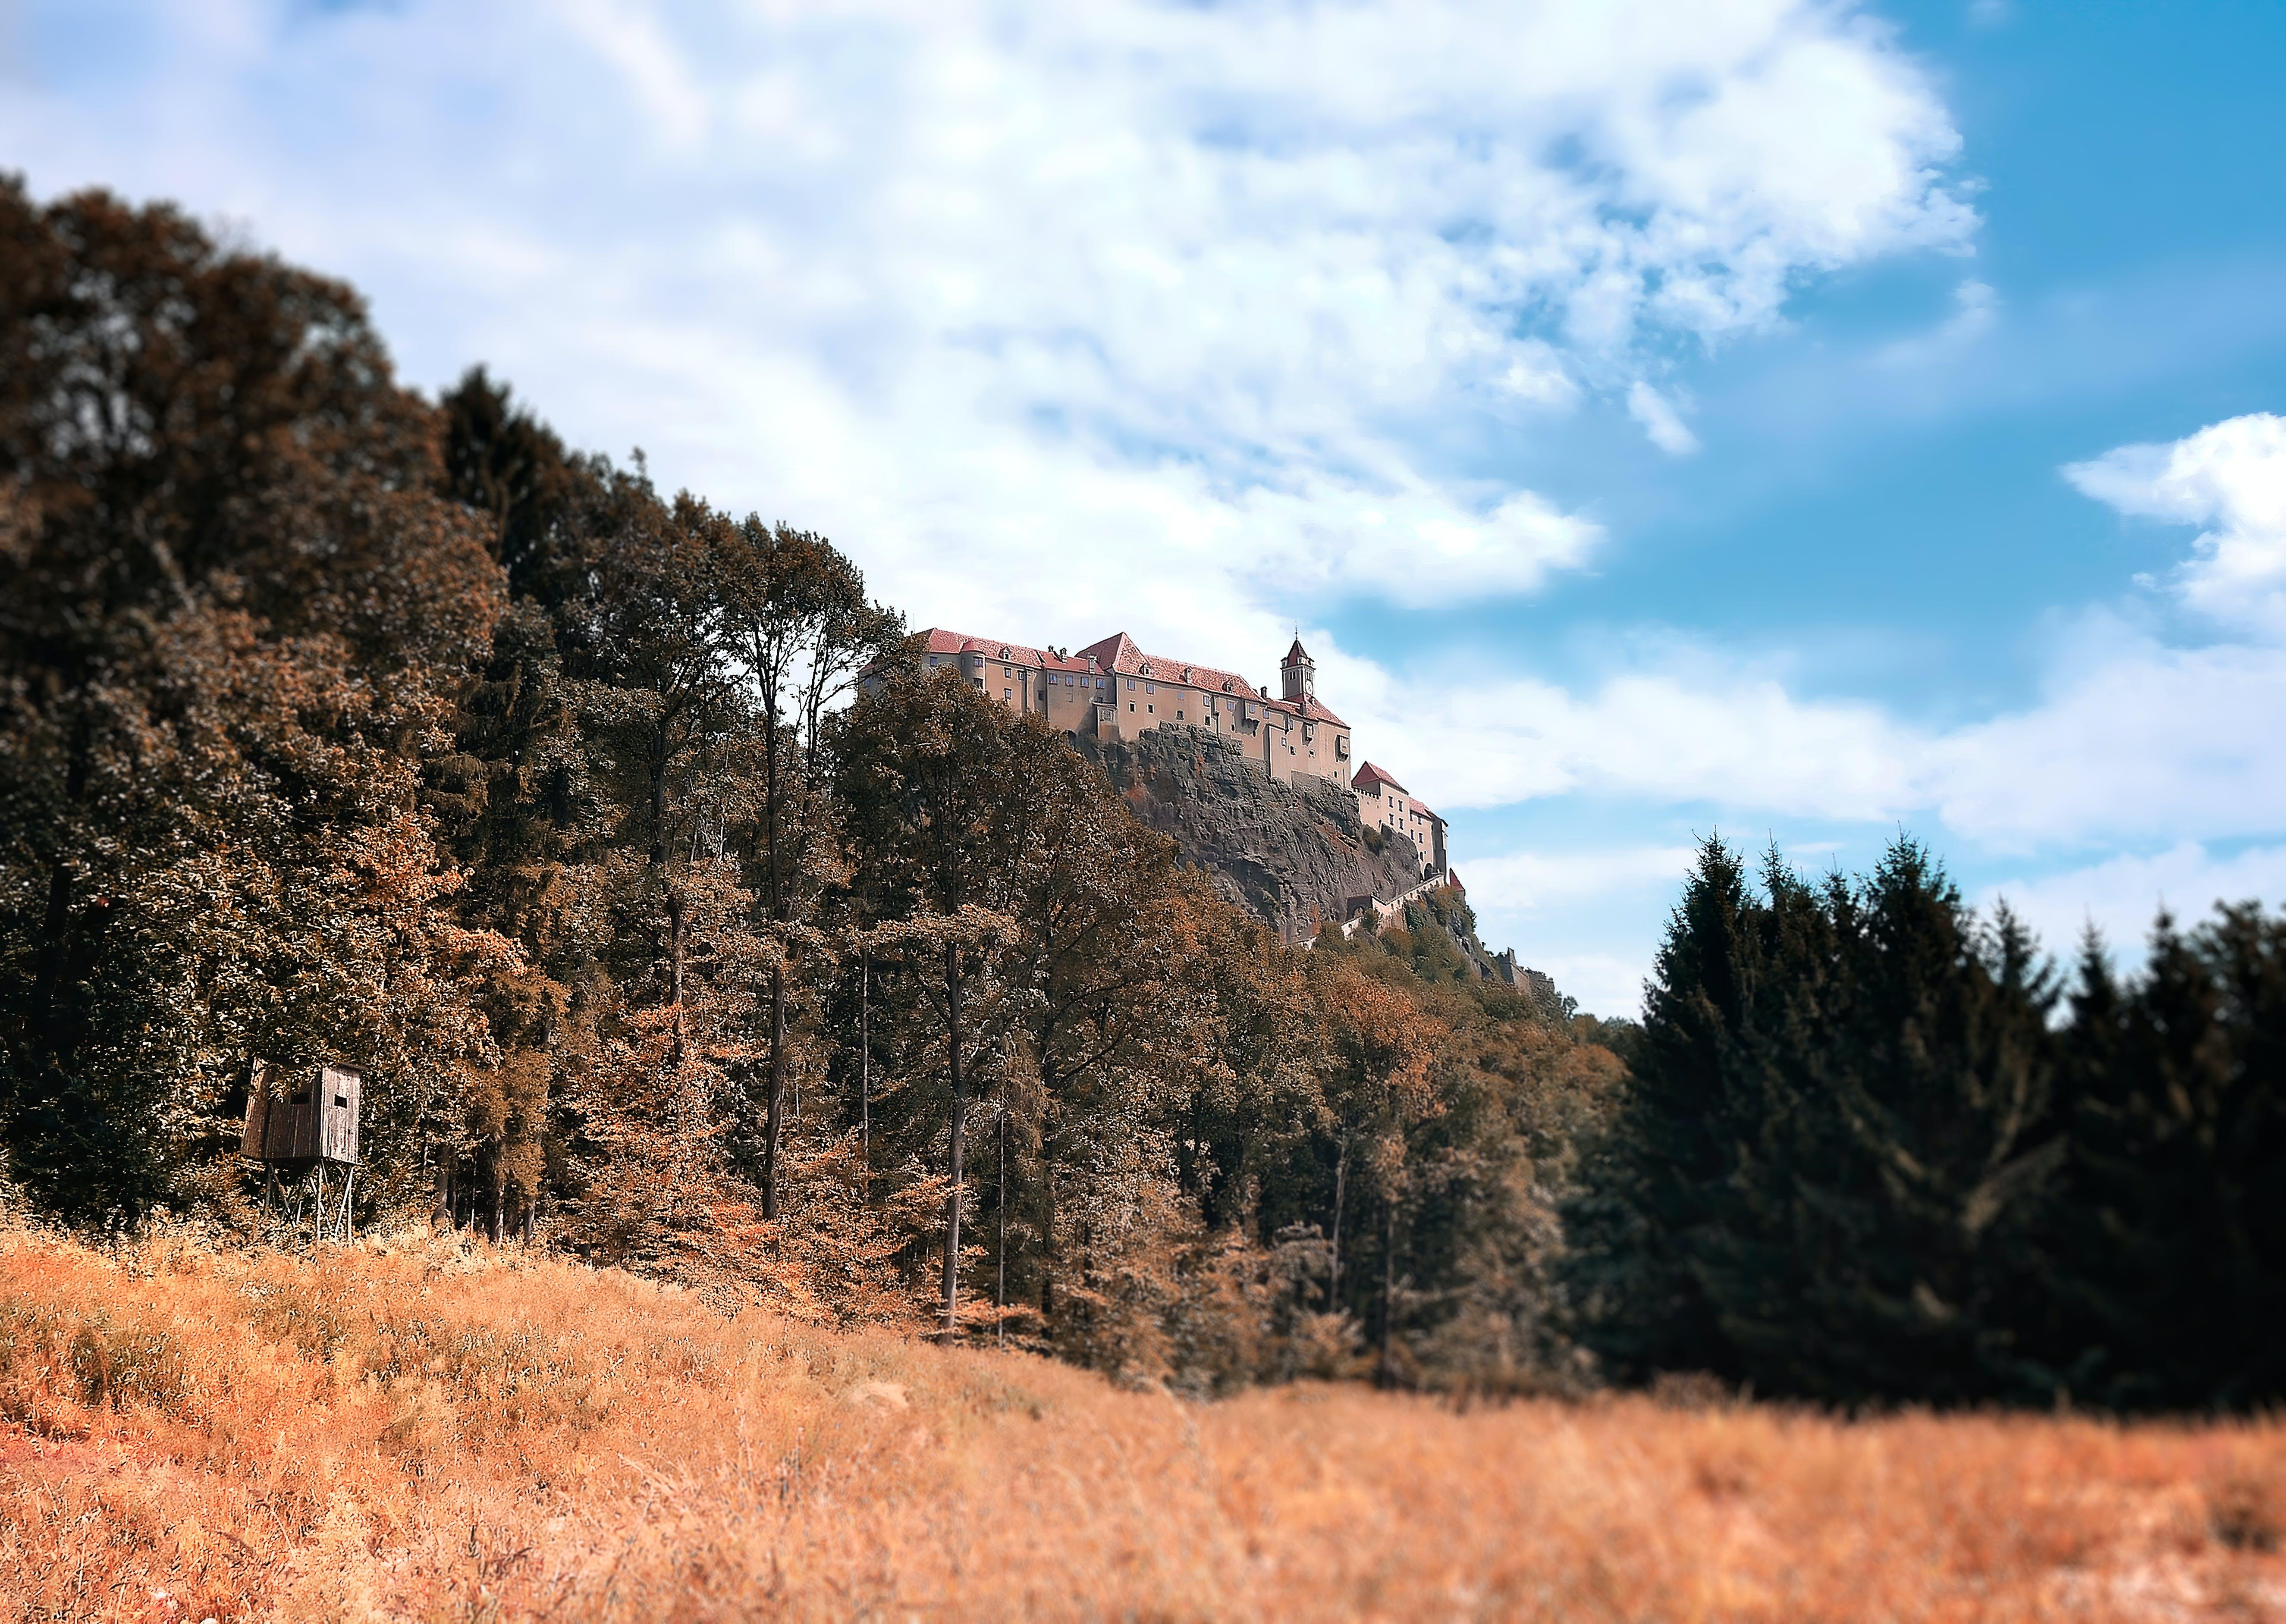 中世紀, 城堡, 天性, 奧地利 的 免费素材照片